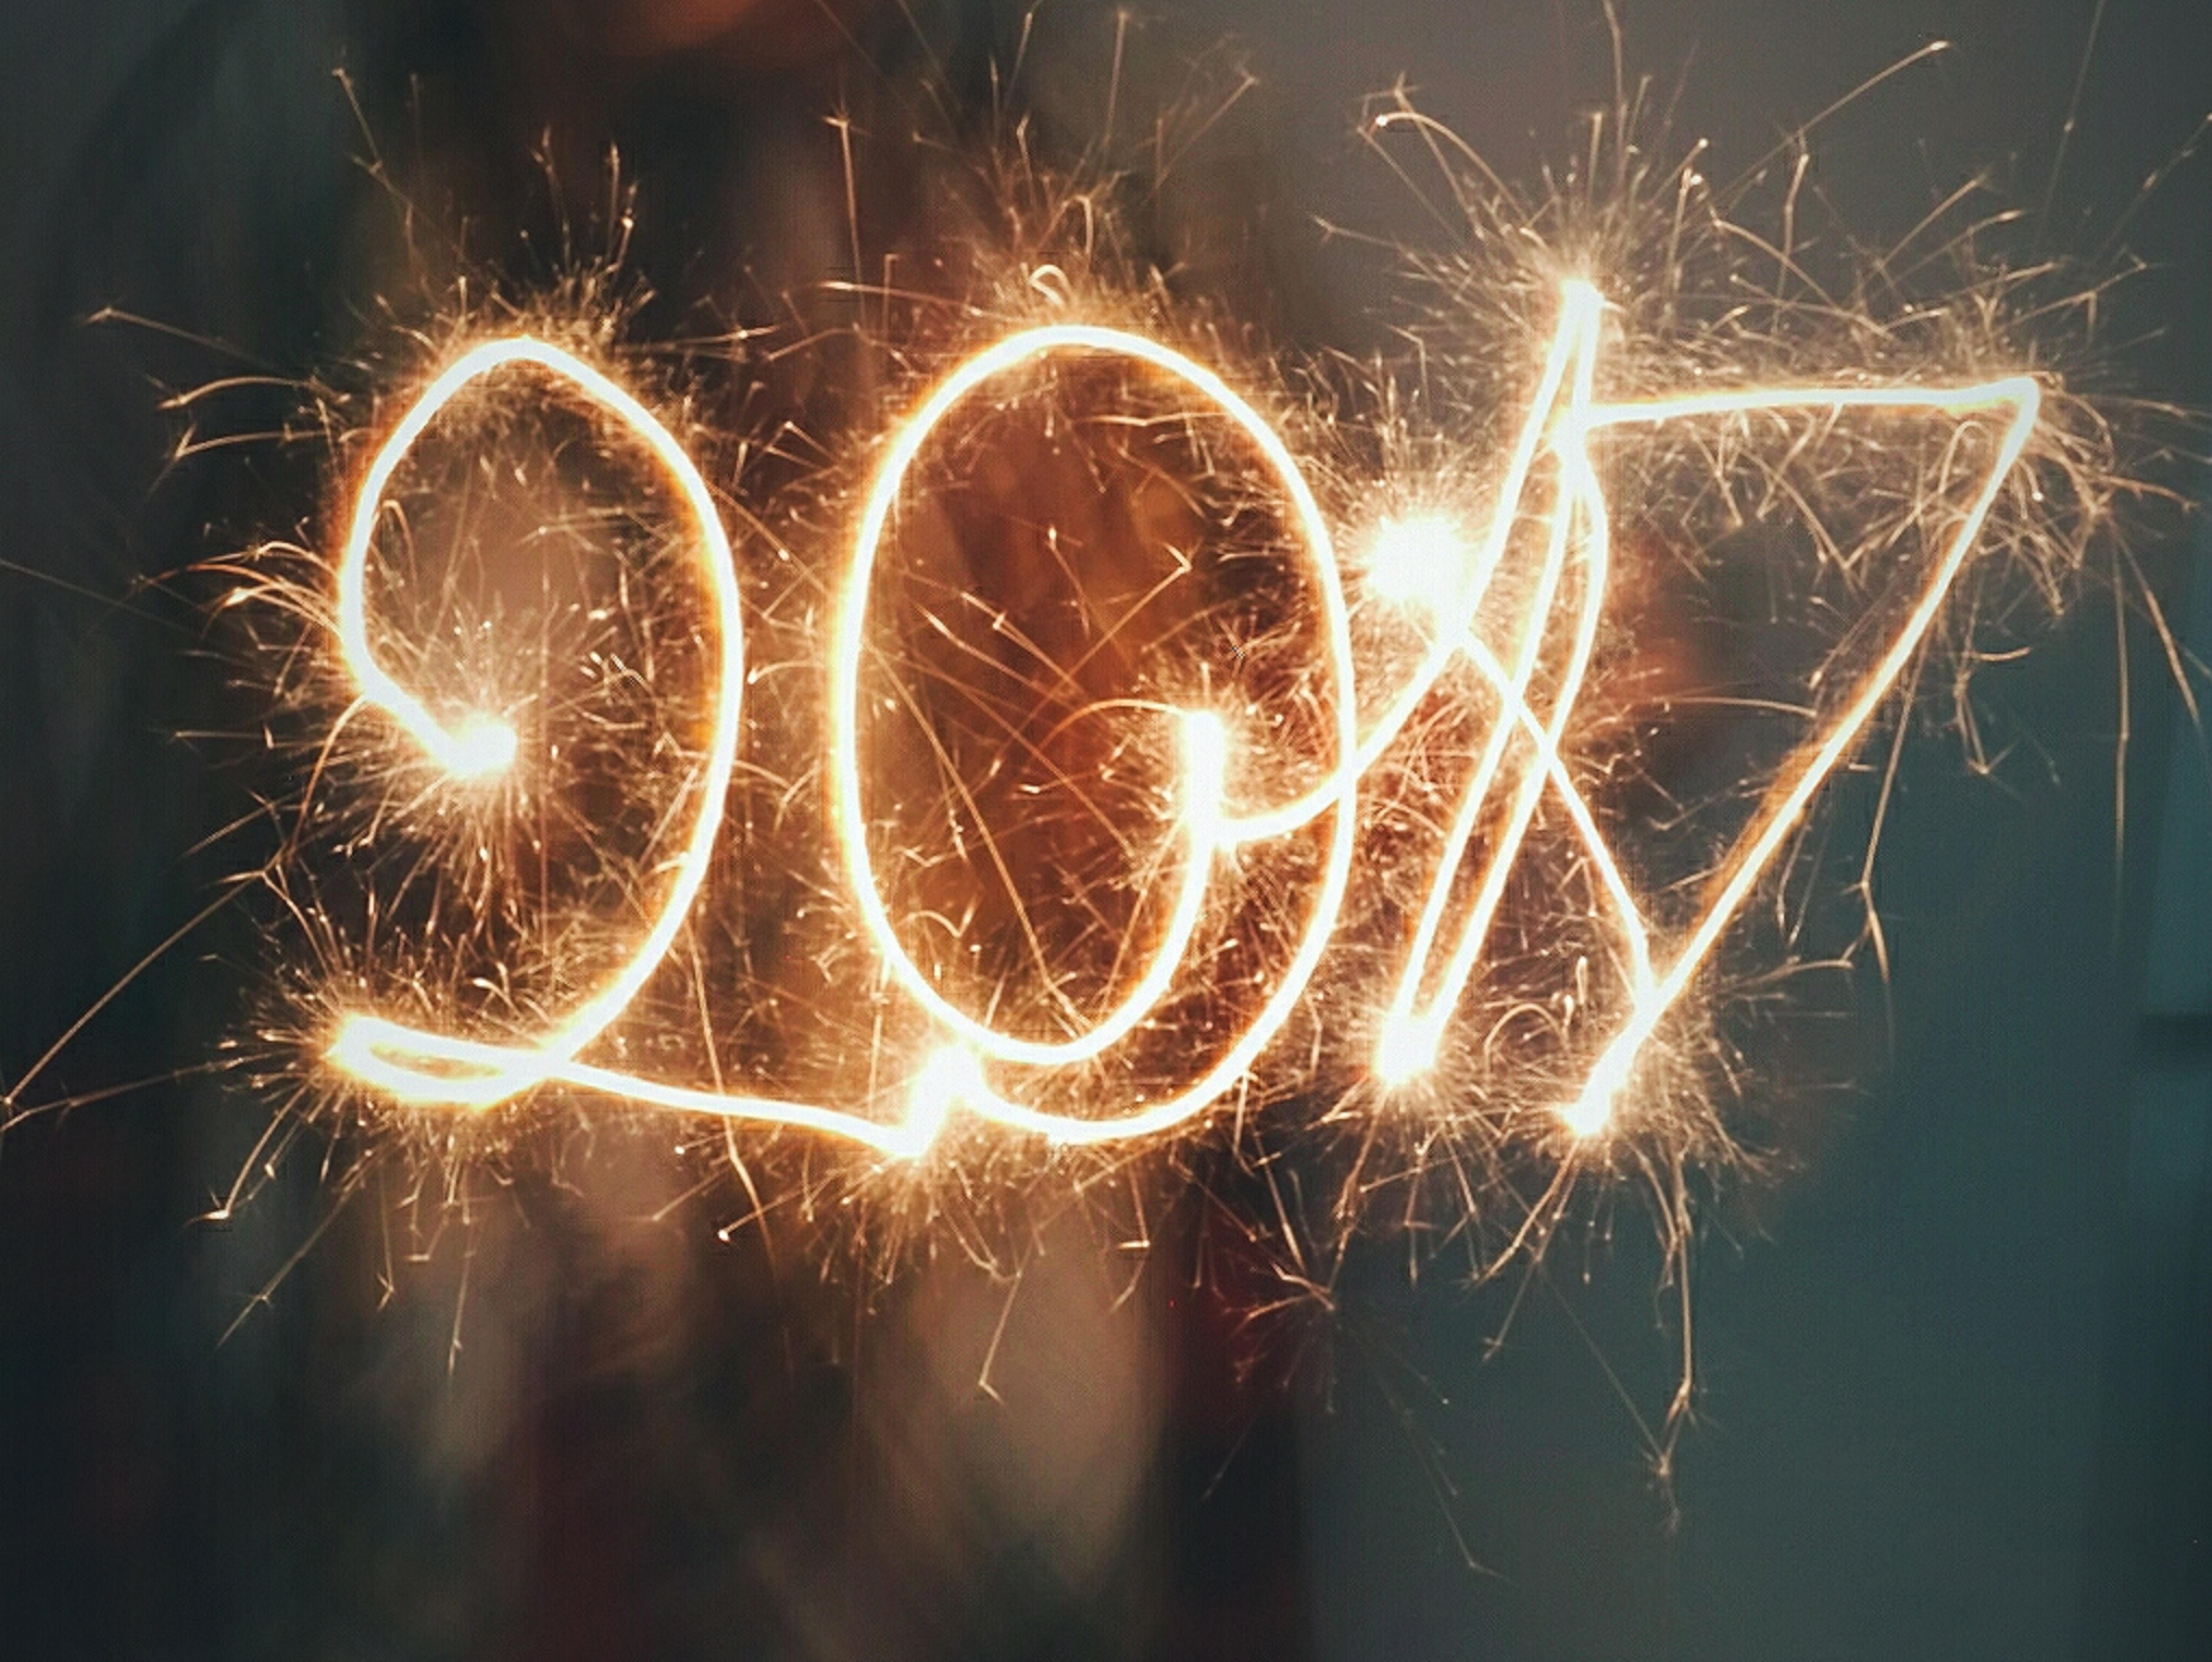 Tous nos vœux d'orientation pour 2017